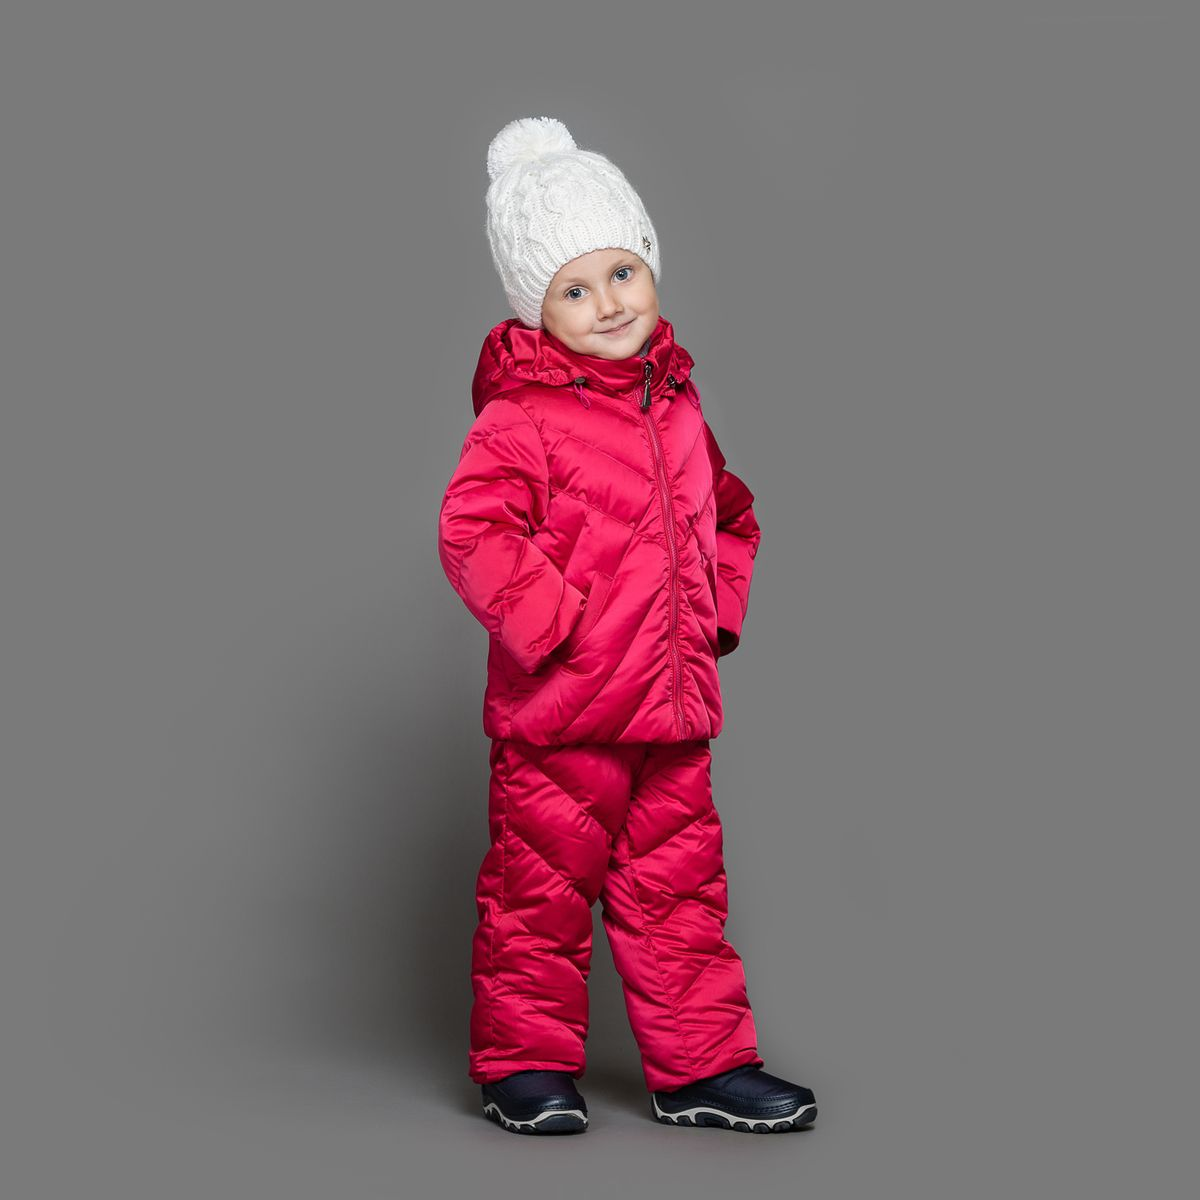 Комплект для девочки Ёмаё: куртка, полукомбинезон, цвет: фуксия. 39-151. Размер 8039-151Теплый комплект Ёмаё идеально подойдет для ребенка в холодное время года. Комплект состоит из куртки и полукомбинезона, изготовленных из водоотталкивающей ткани с утеплителем из синтепуха. Подкладка выполнена из полиэстера. Куртка застегивается на пластиковую застежку-молнию и дополнена капюшоном на кулиске. Низ рукавов с внутренними трикотажными манжетами - дополнительная защита от ветра и снега. Предусмотрены два прорезных кармана. Полукомбинезон с небольшой грудкой застегивается на пластиковую застежку-молнию и имеет наплечные лямки с пластиковым карабином, регулируемые по длине. Спереди он оформлен двумя втачными кармашками. На талии предусмотрена широкая эластичная резинка, которая позволяет надежно заправить в брюки водолазку или свитер. Снизу брючины дополнены внутренними манжетами с настроченной эластичной тесьмой с латексной нитью (антискользящая), которая фиксирует брючины на сапогах и предохраняет от попадания снега. Все молнии с внутренними ветрозащитными планками. Набивка куртки - 220 г/м2, подкладка - флис. Набивка полукомбинезона - 150 г/м2.Температурный режим до -10-15°С.Комфортный, удобный и практичный комплект идеально подойдет для прогулок и игр на свежем воздухе!